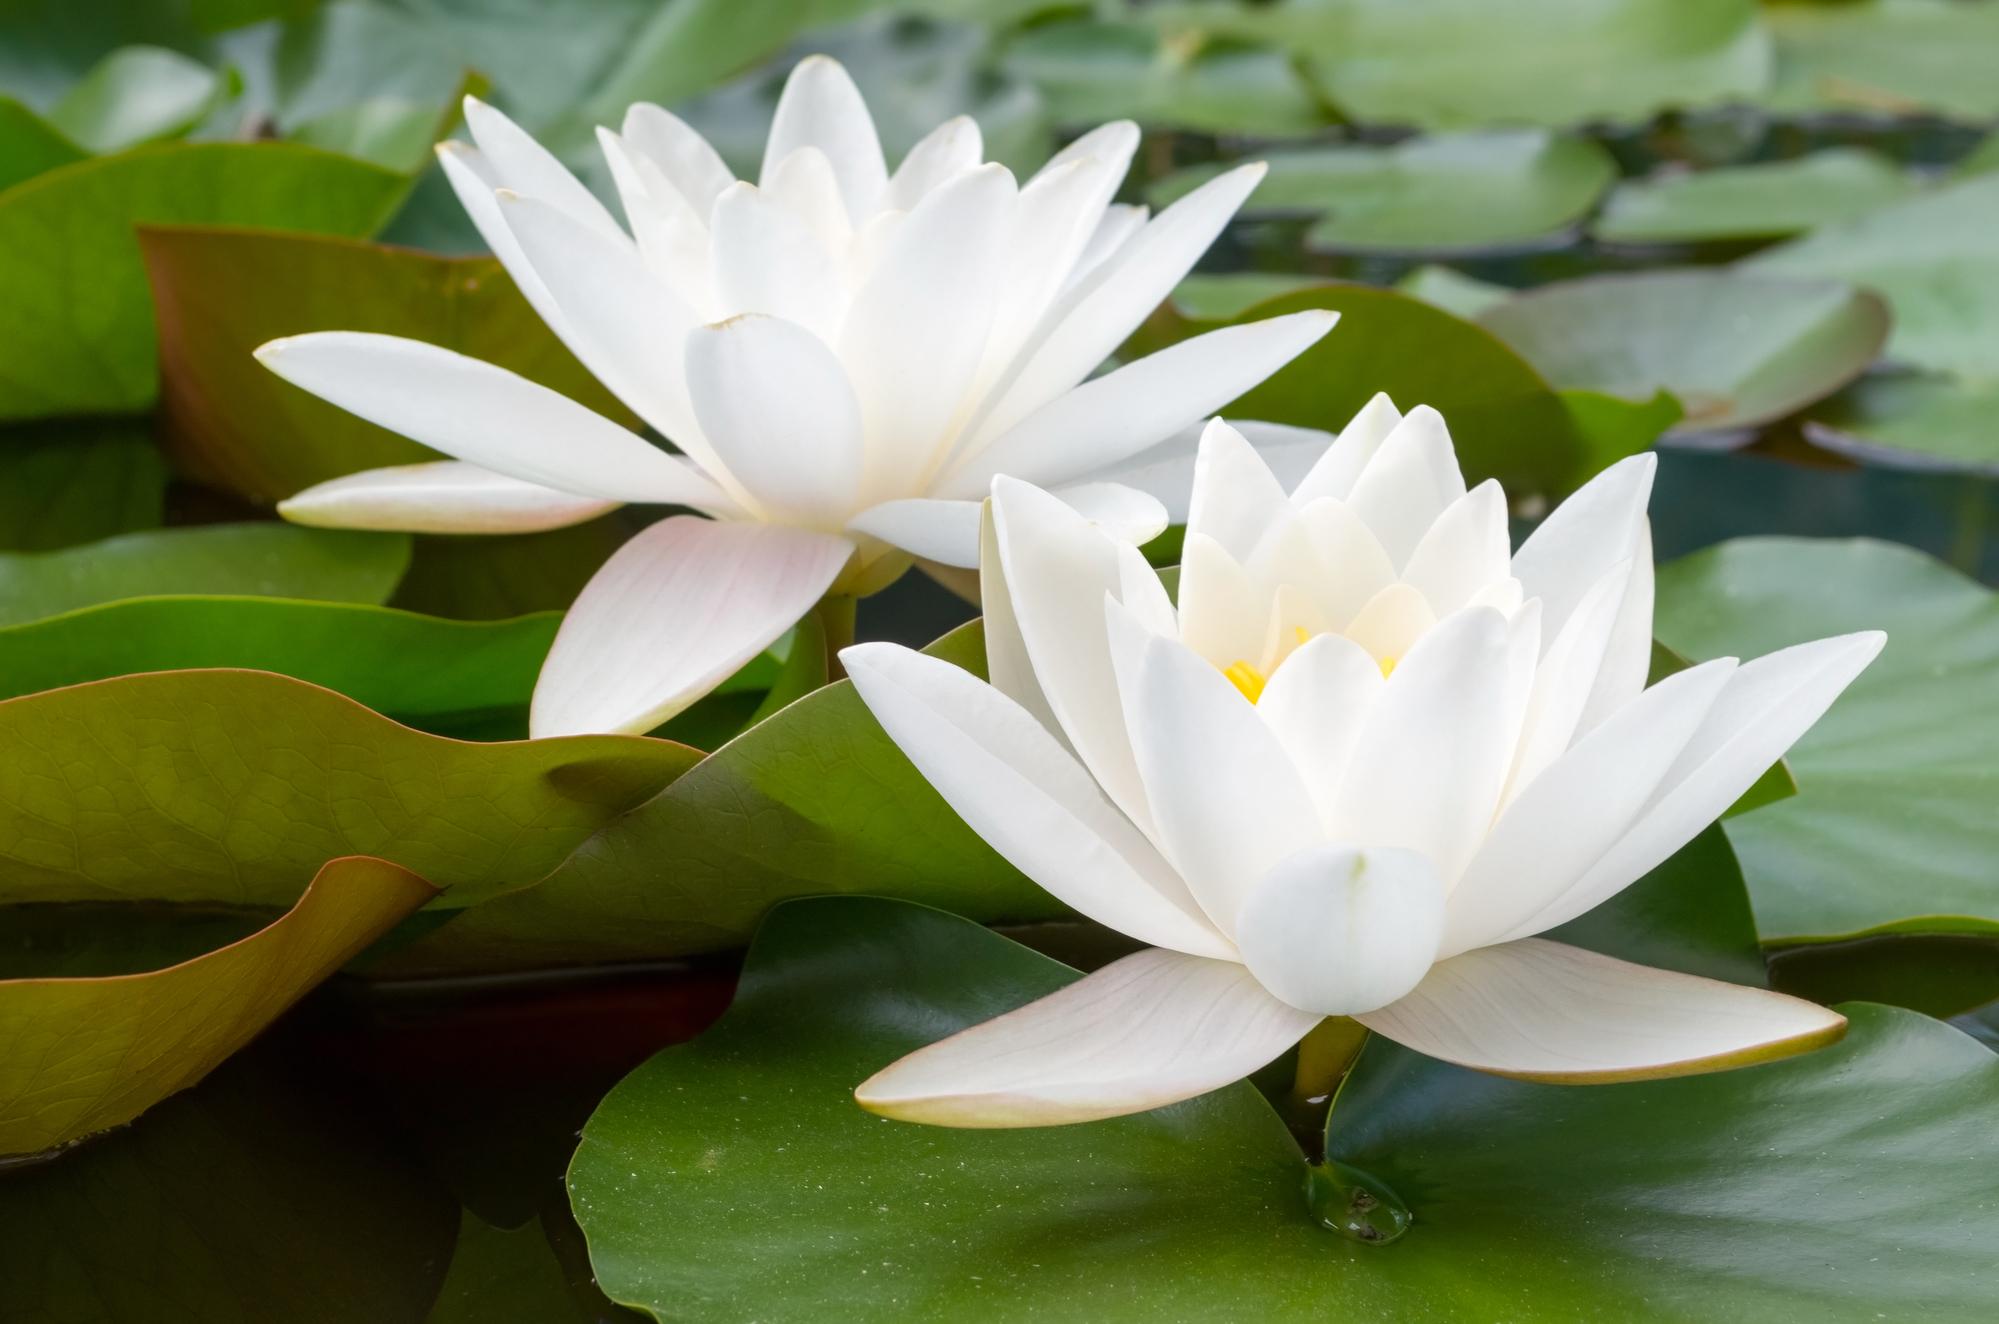 simple blush pink lotus green background.jpg